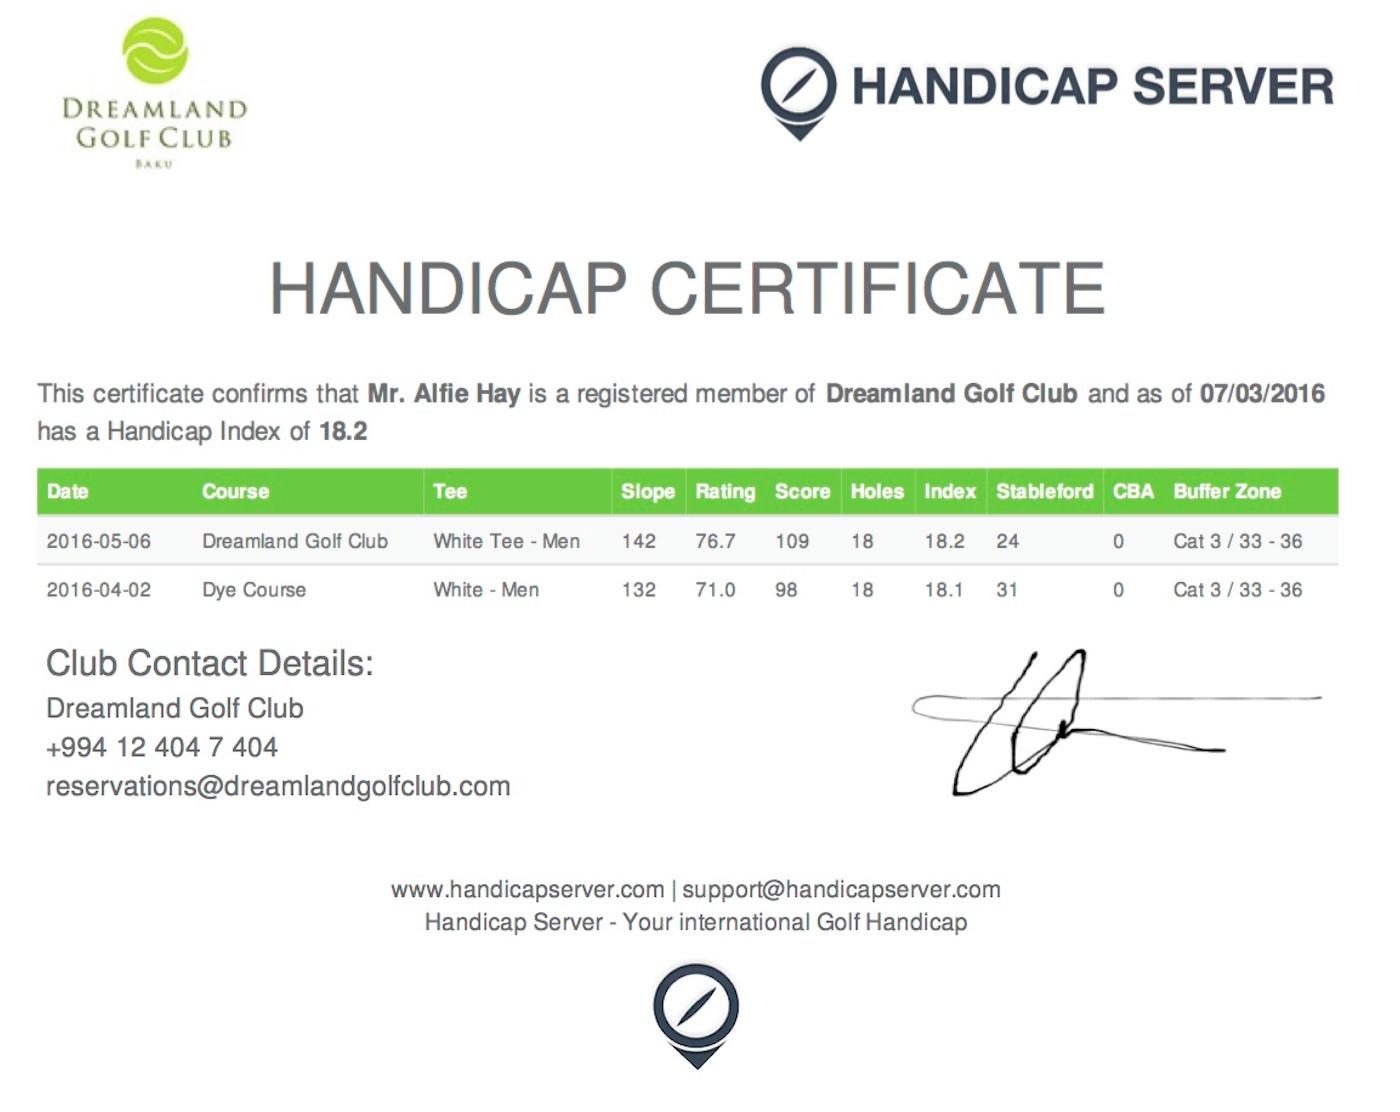 Handicap certificates